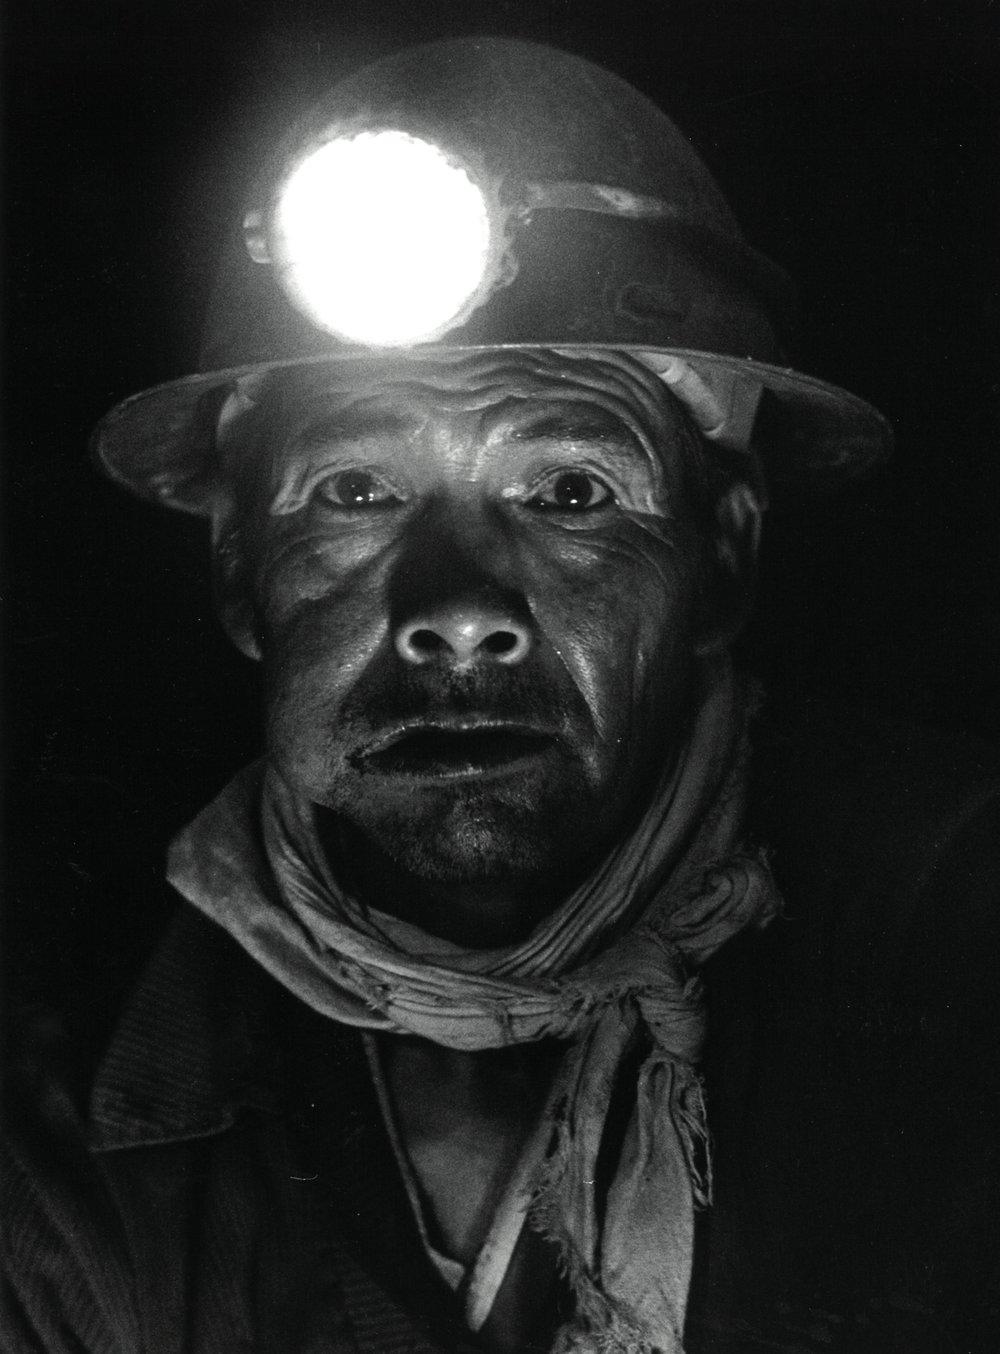 De la série des Mineros, 1984-2001 Photographie argentique, coll. Municipalité de Moutier © Ayants droits